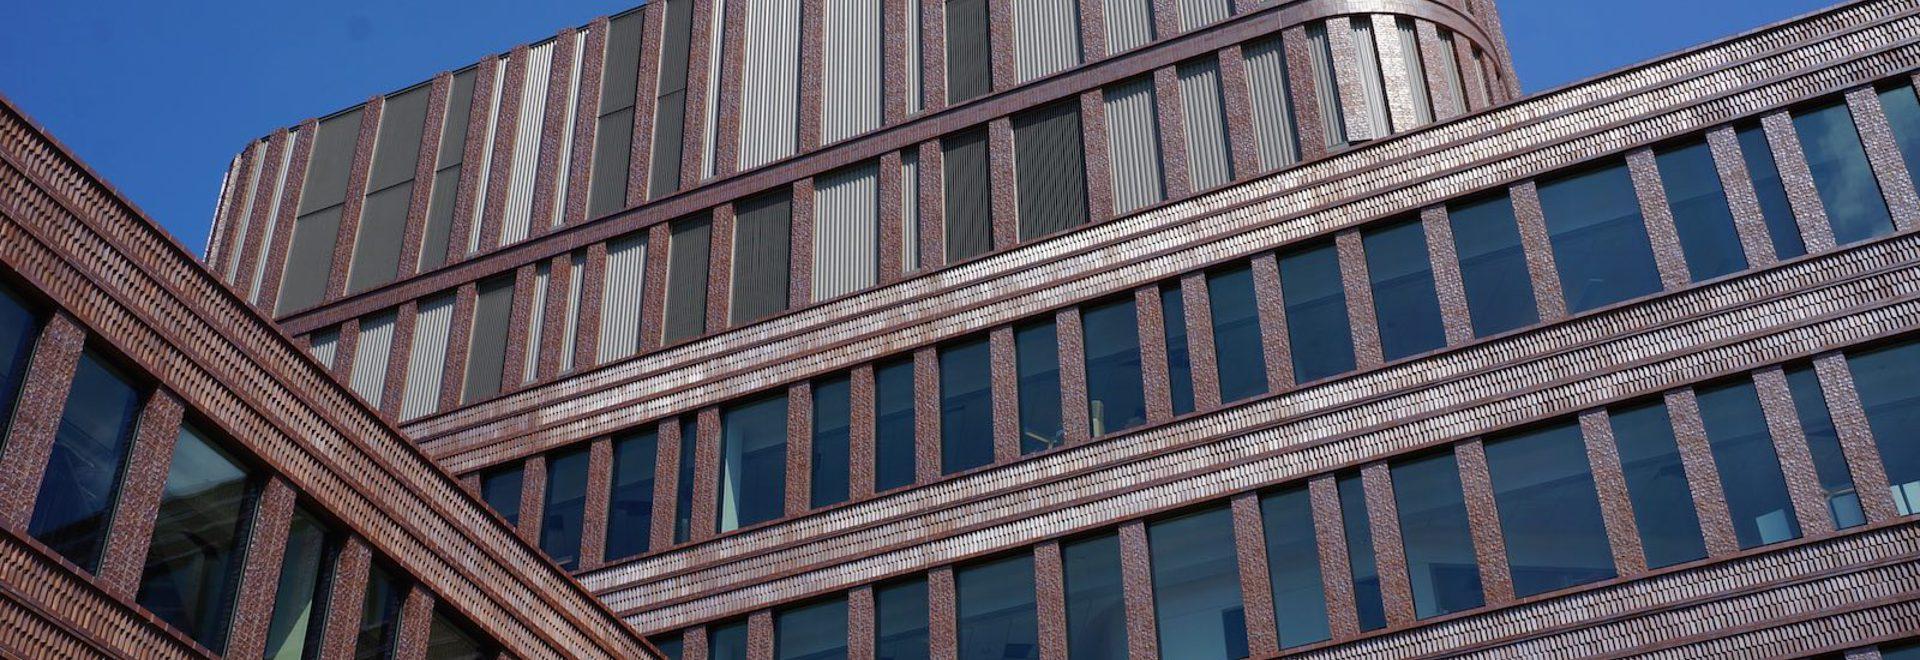 El ladrillo adornado forma un façade sinuoso al nuevo edificio municipal de Bruce C. Bolling. (Toda la cortesía Mecanoo de las fotos a menos que esté indicado de otra manera)